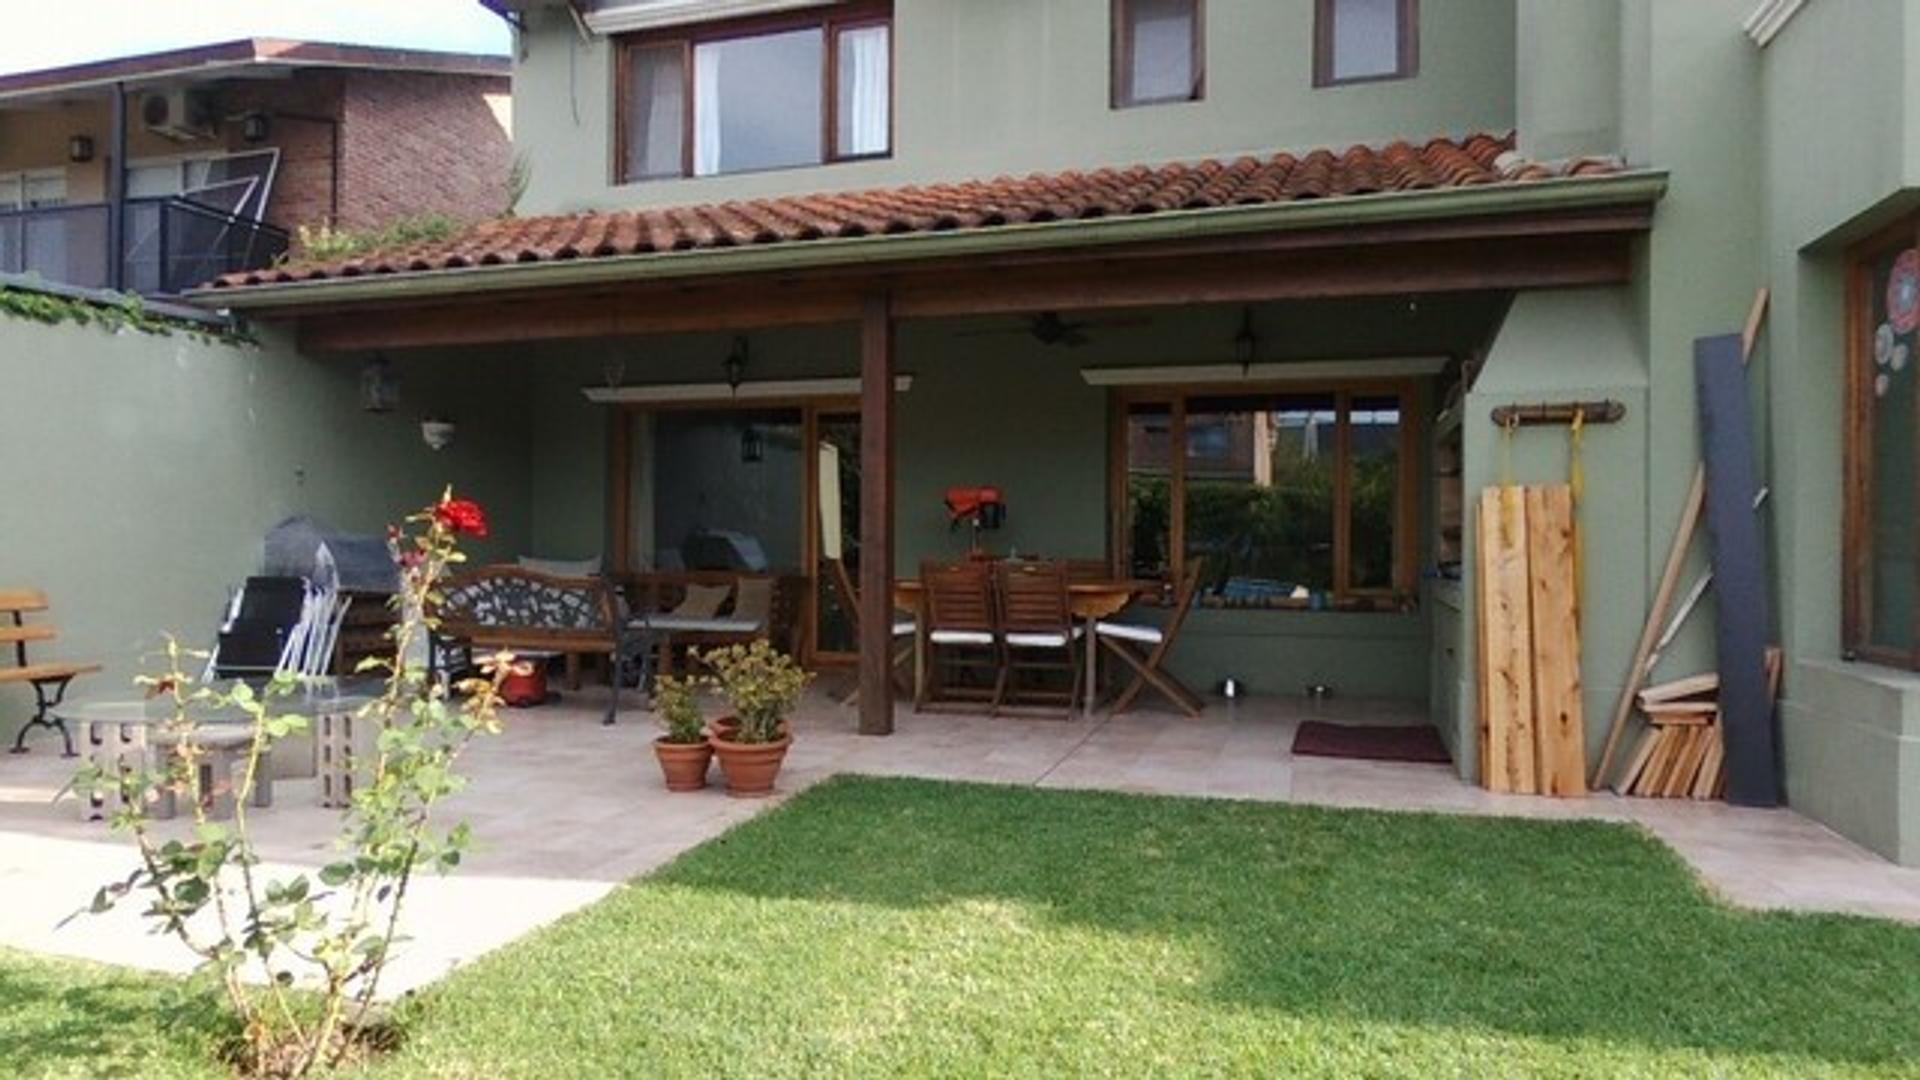 Casa - 266 m² | 4 dormitorios | 19 años